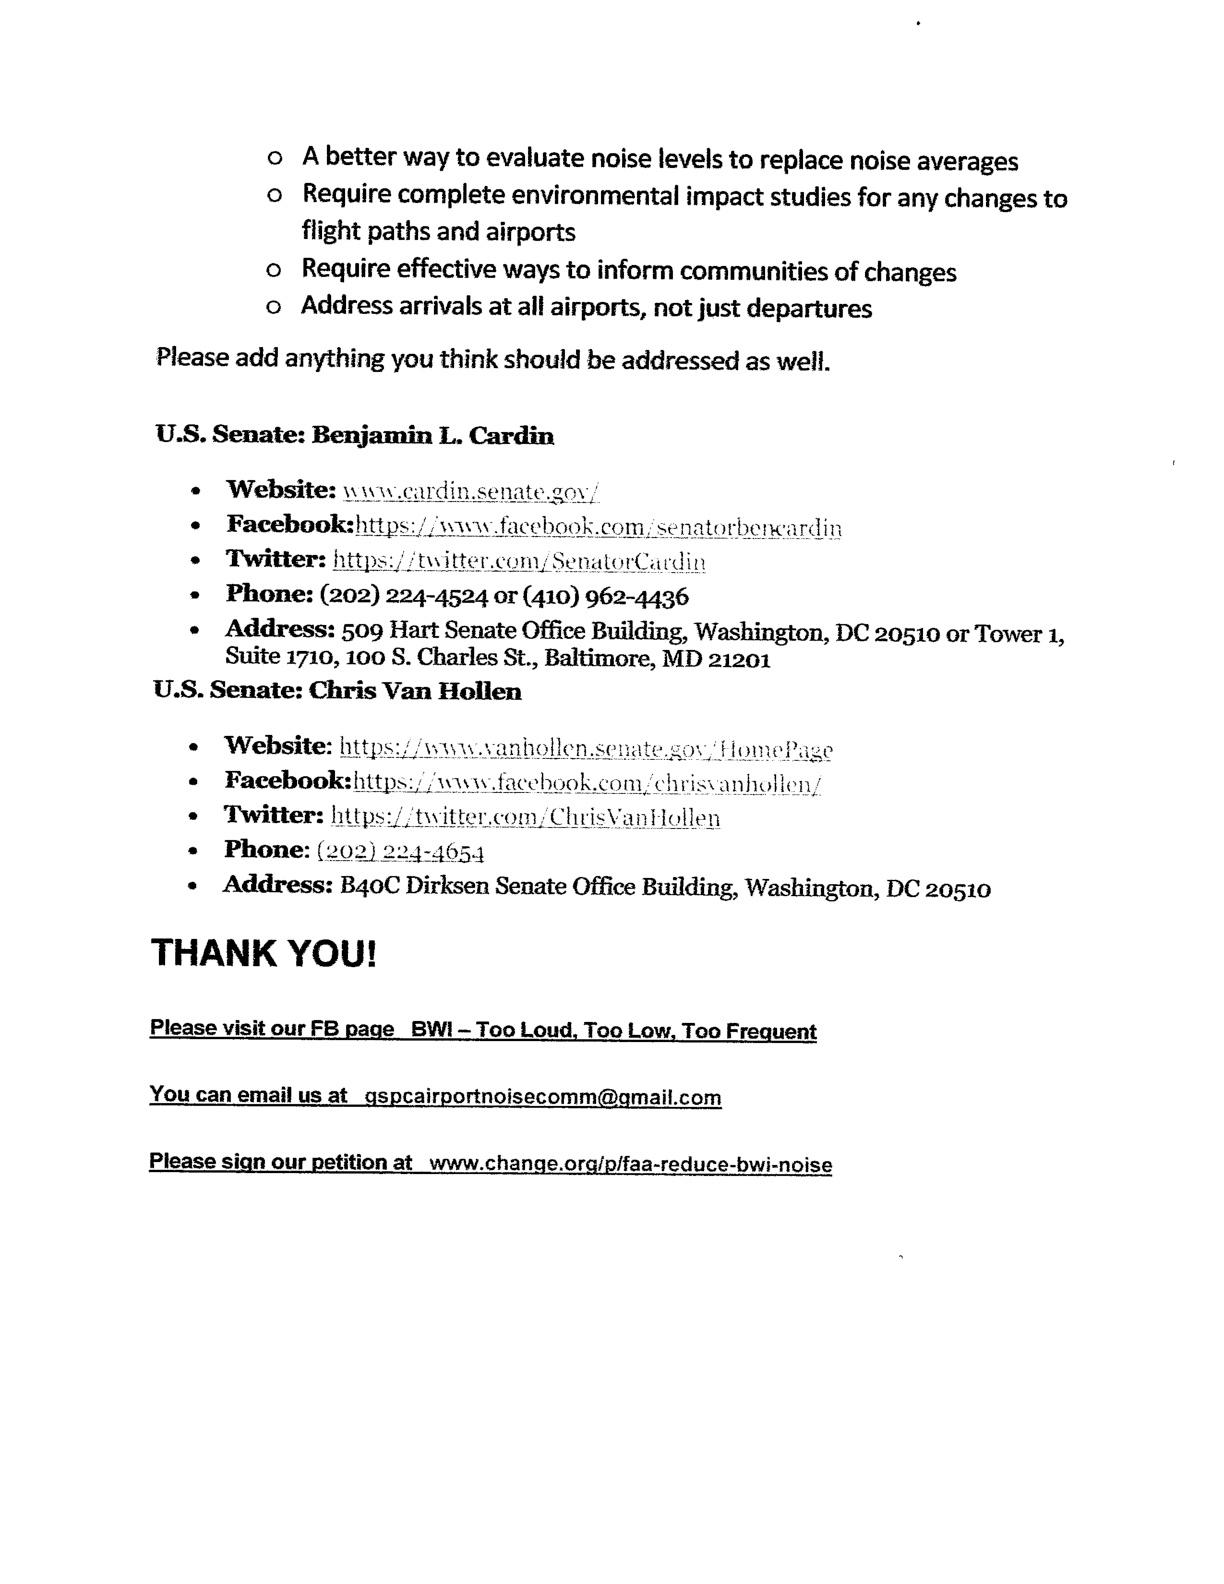 BWI-Roundtable-Newsletter-003.jpg